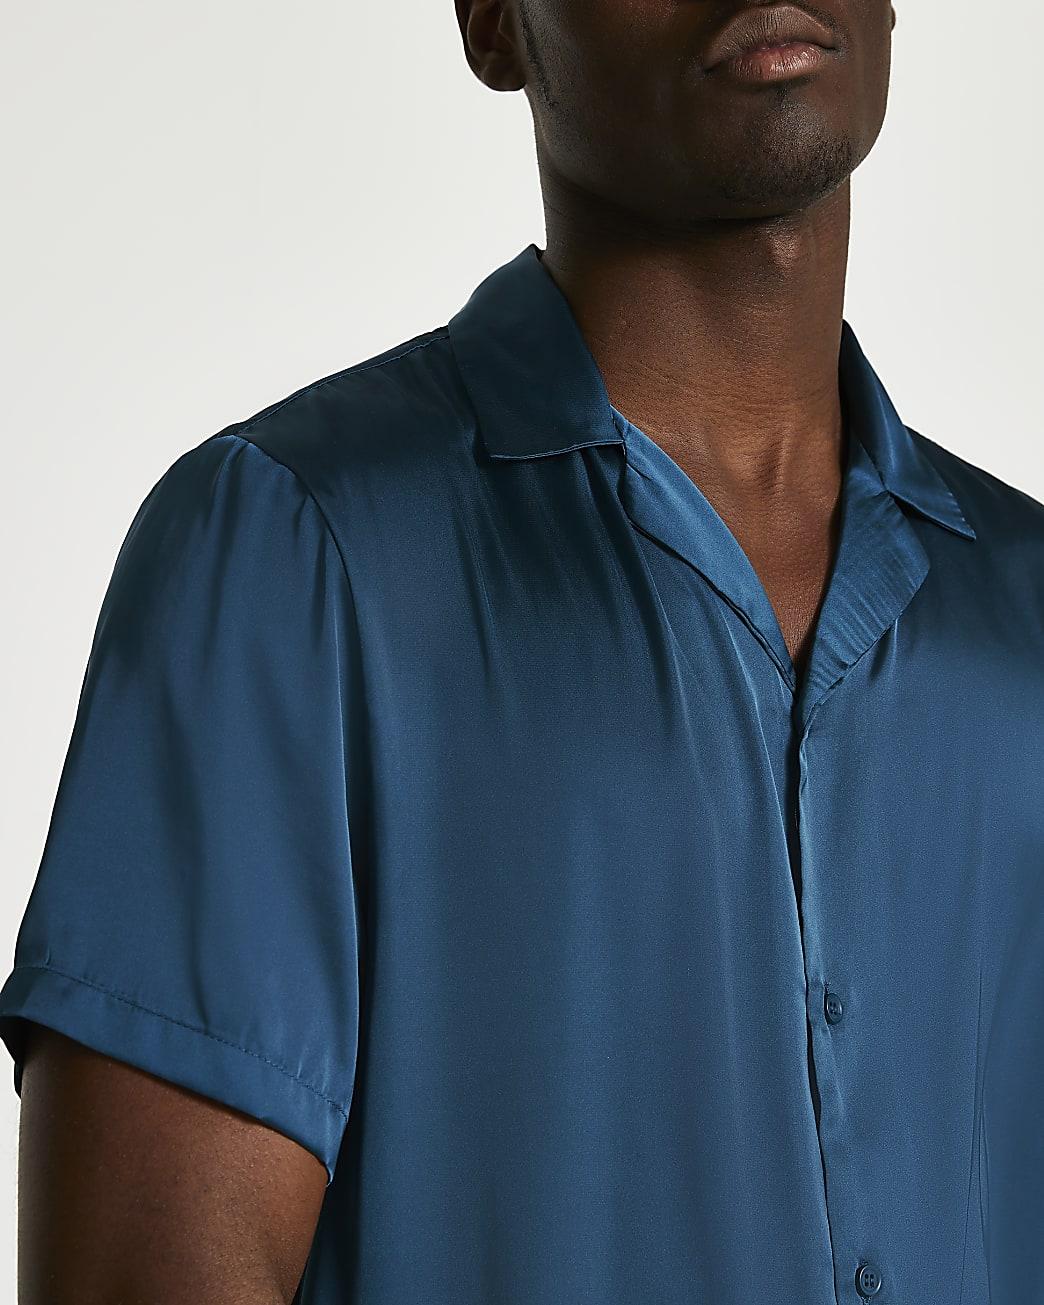 Green satin revere short sleeve shirt